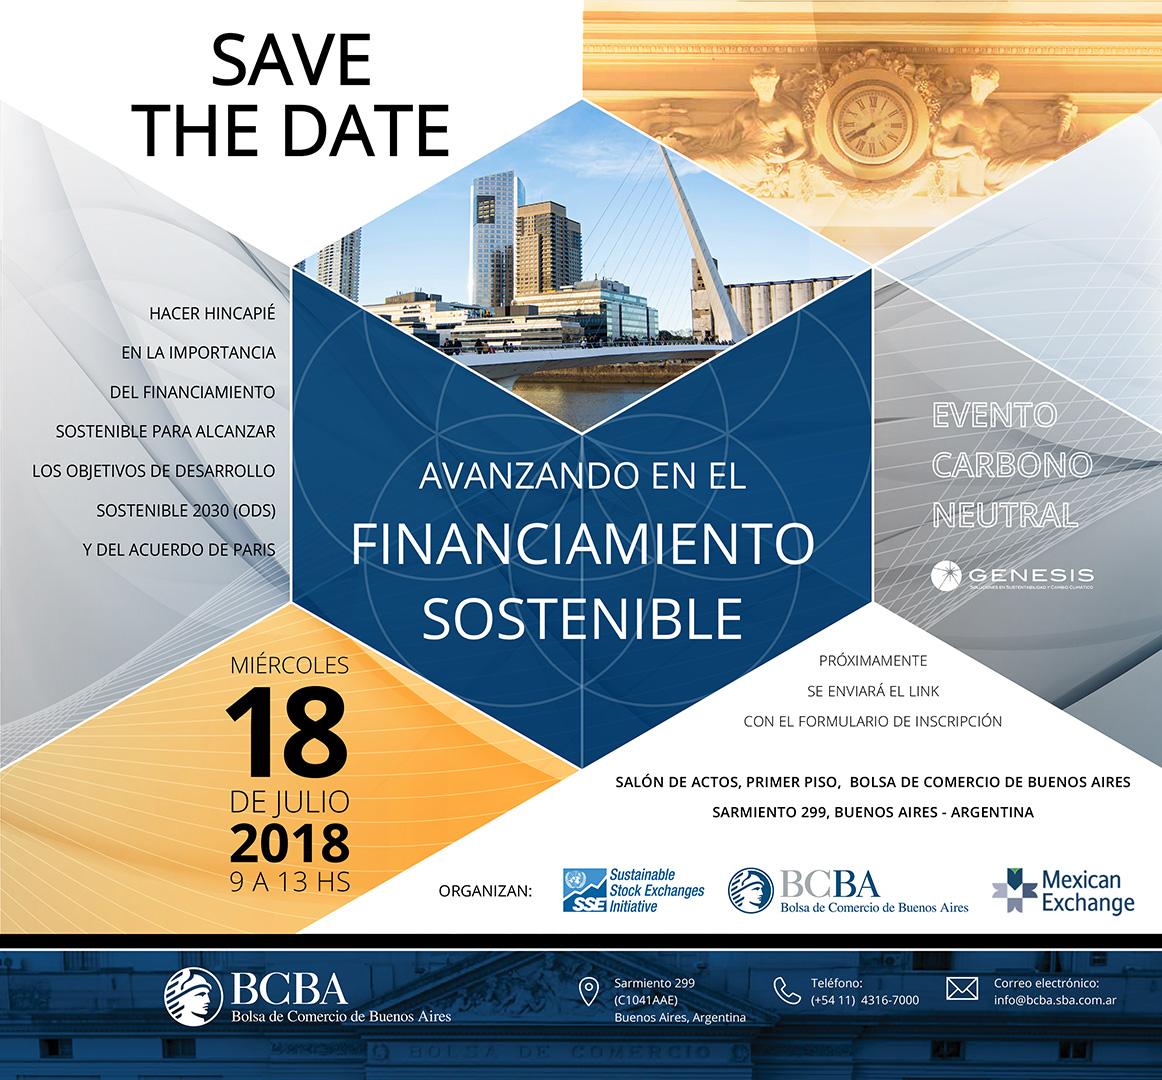 GENESIS organizando evento en FINANCIAMIENTO SOSTENIBLE en la BCBA